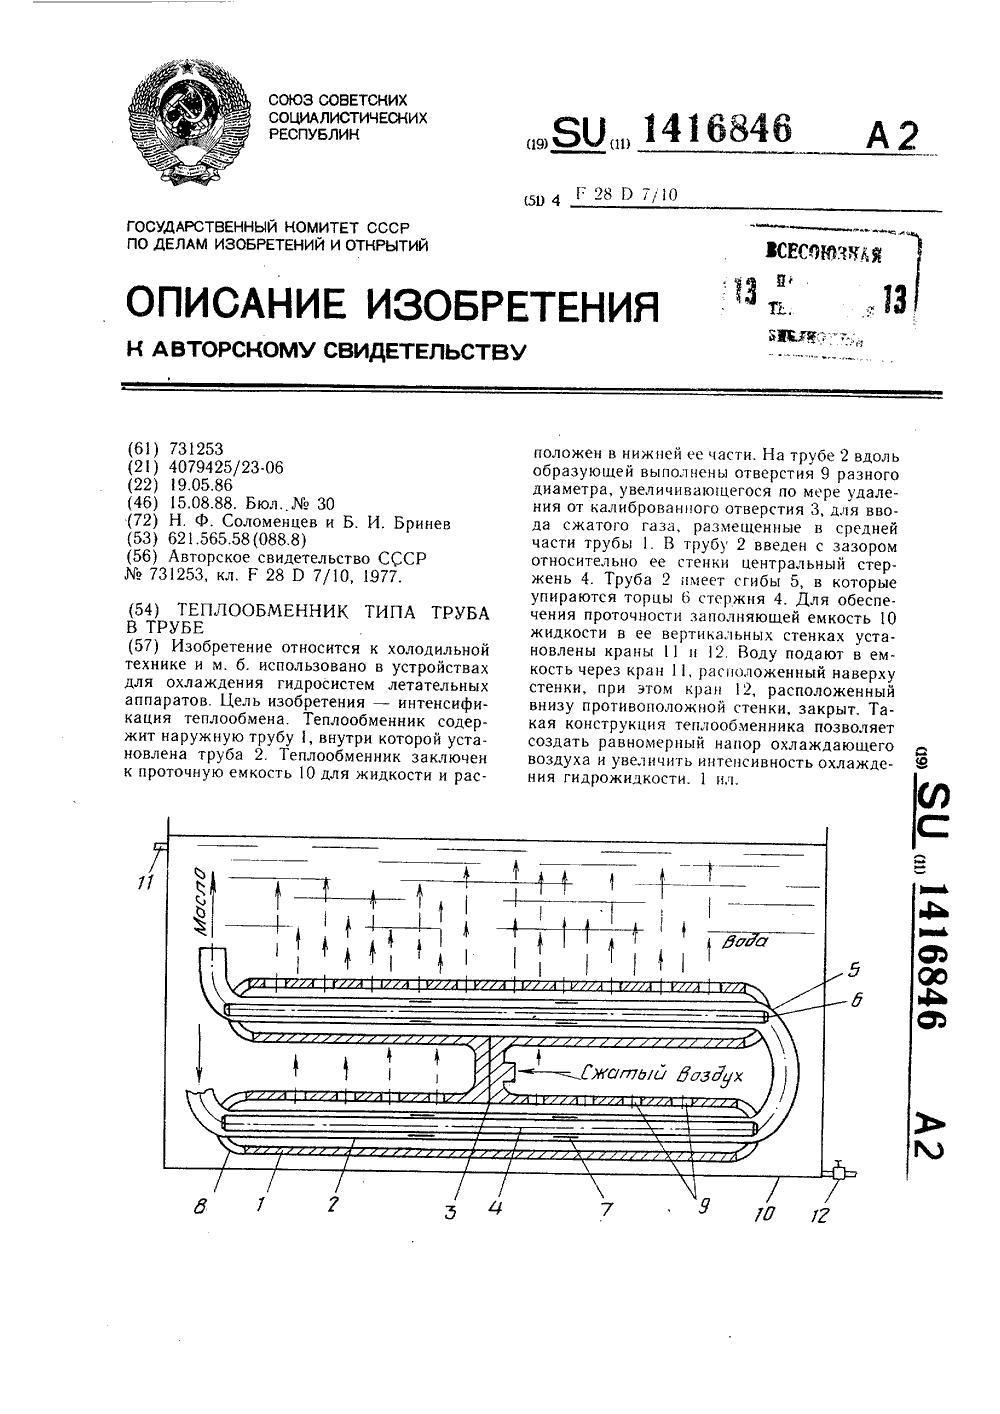 ГОСТ 323882013 Трубопроводы технологические Нормы и